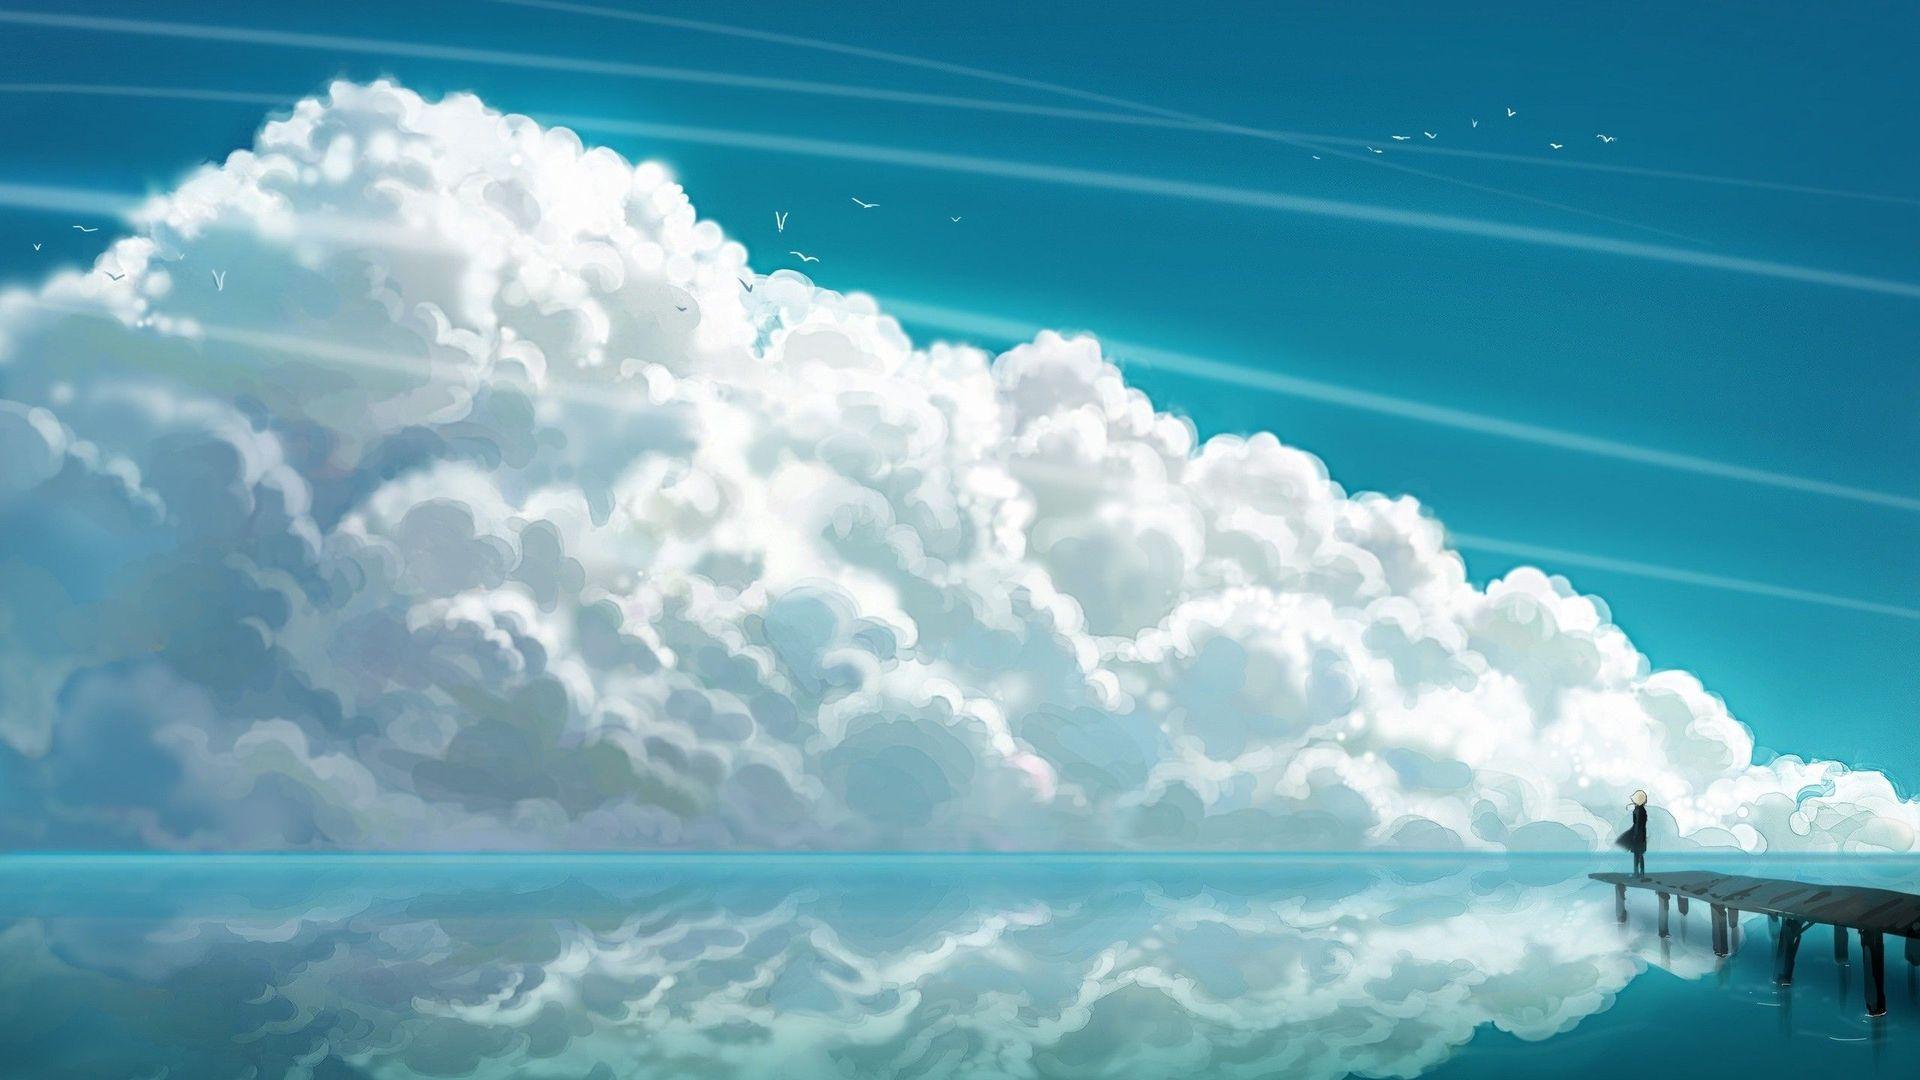 Fond d'écran hd nuage ciel Fond ecran paysage, Univers